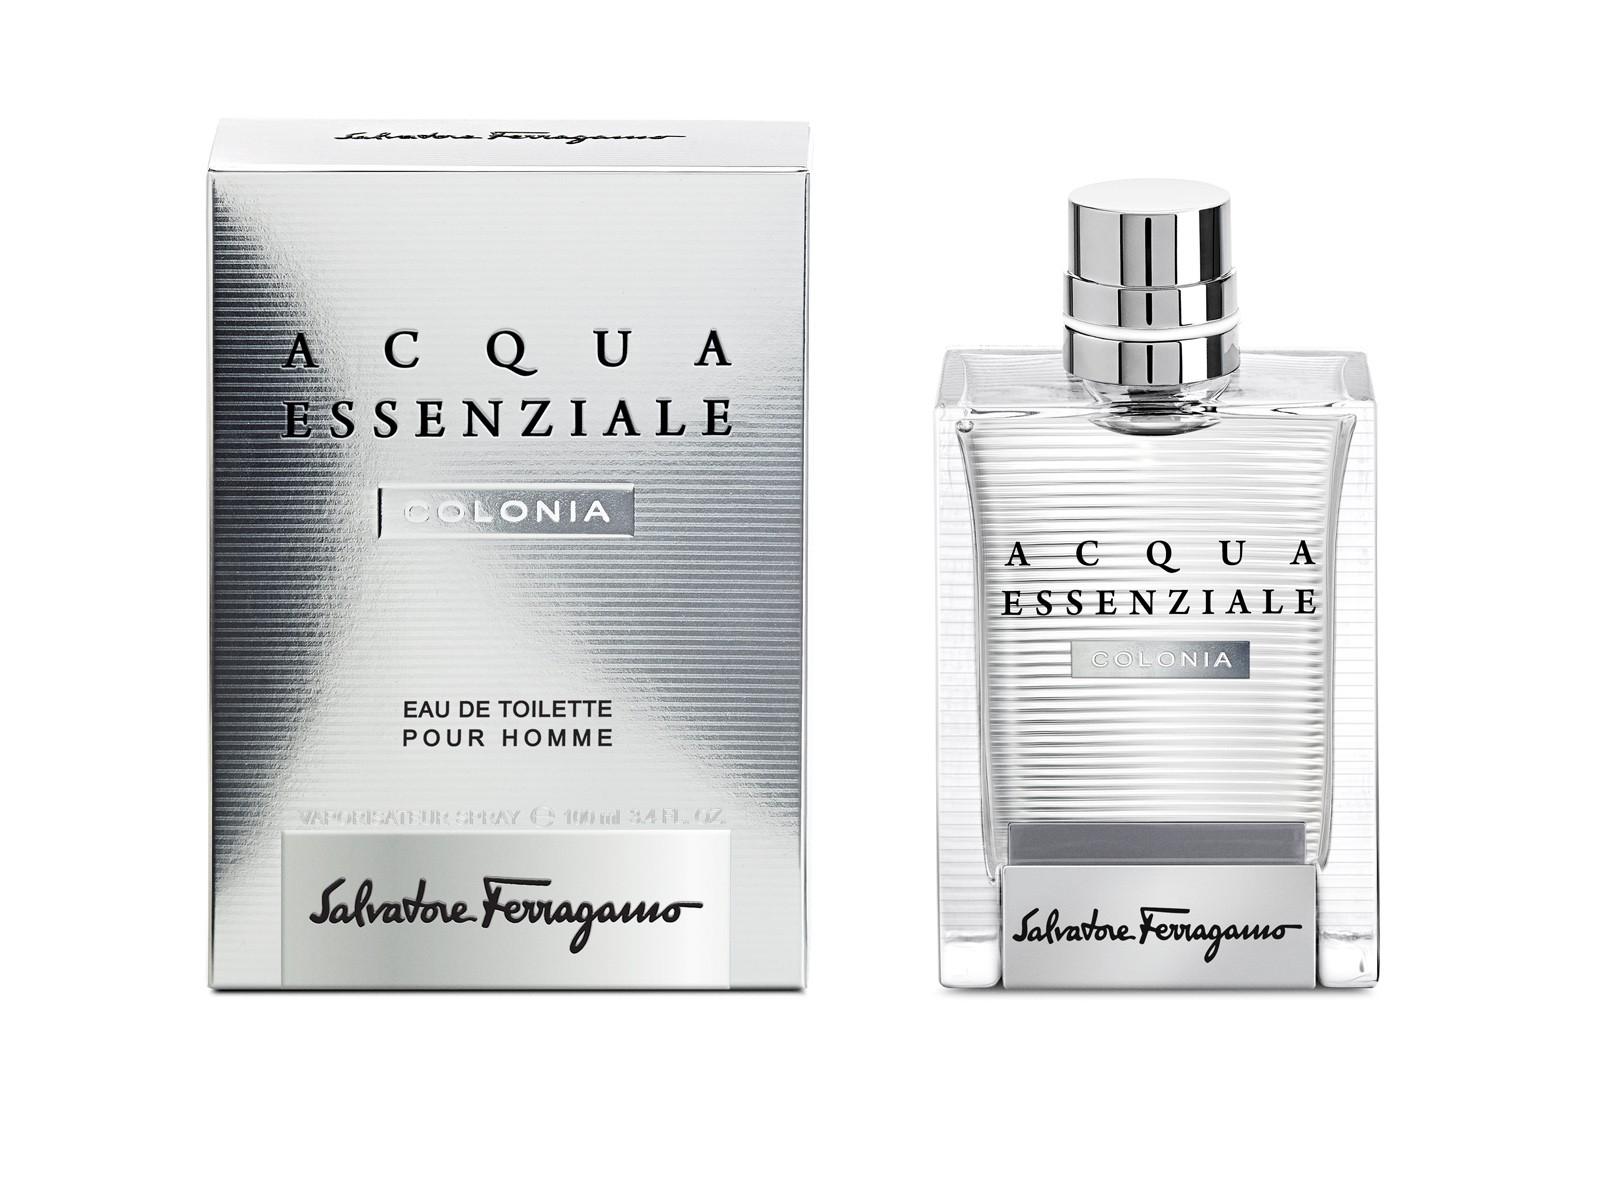 Salvatore Ferragamo Acqua Essenziale Colonia аромат для мужчин